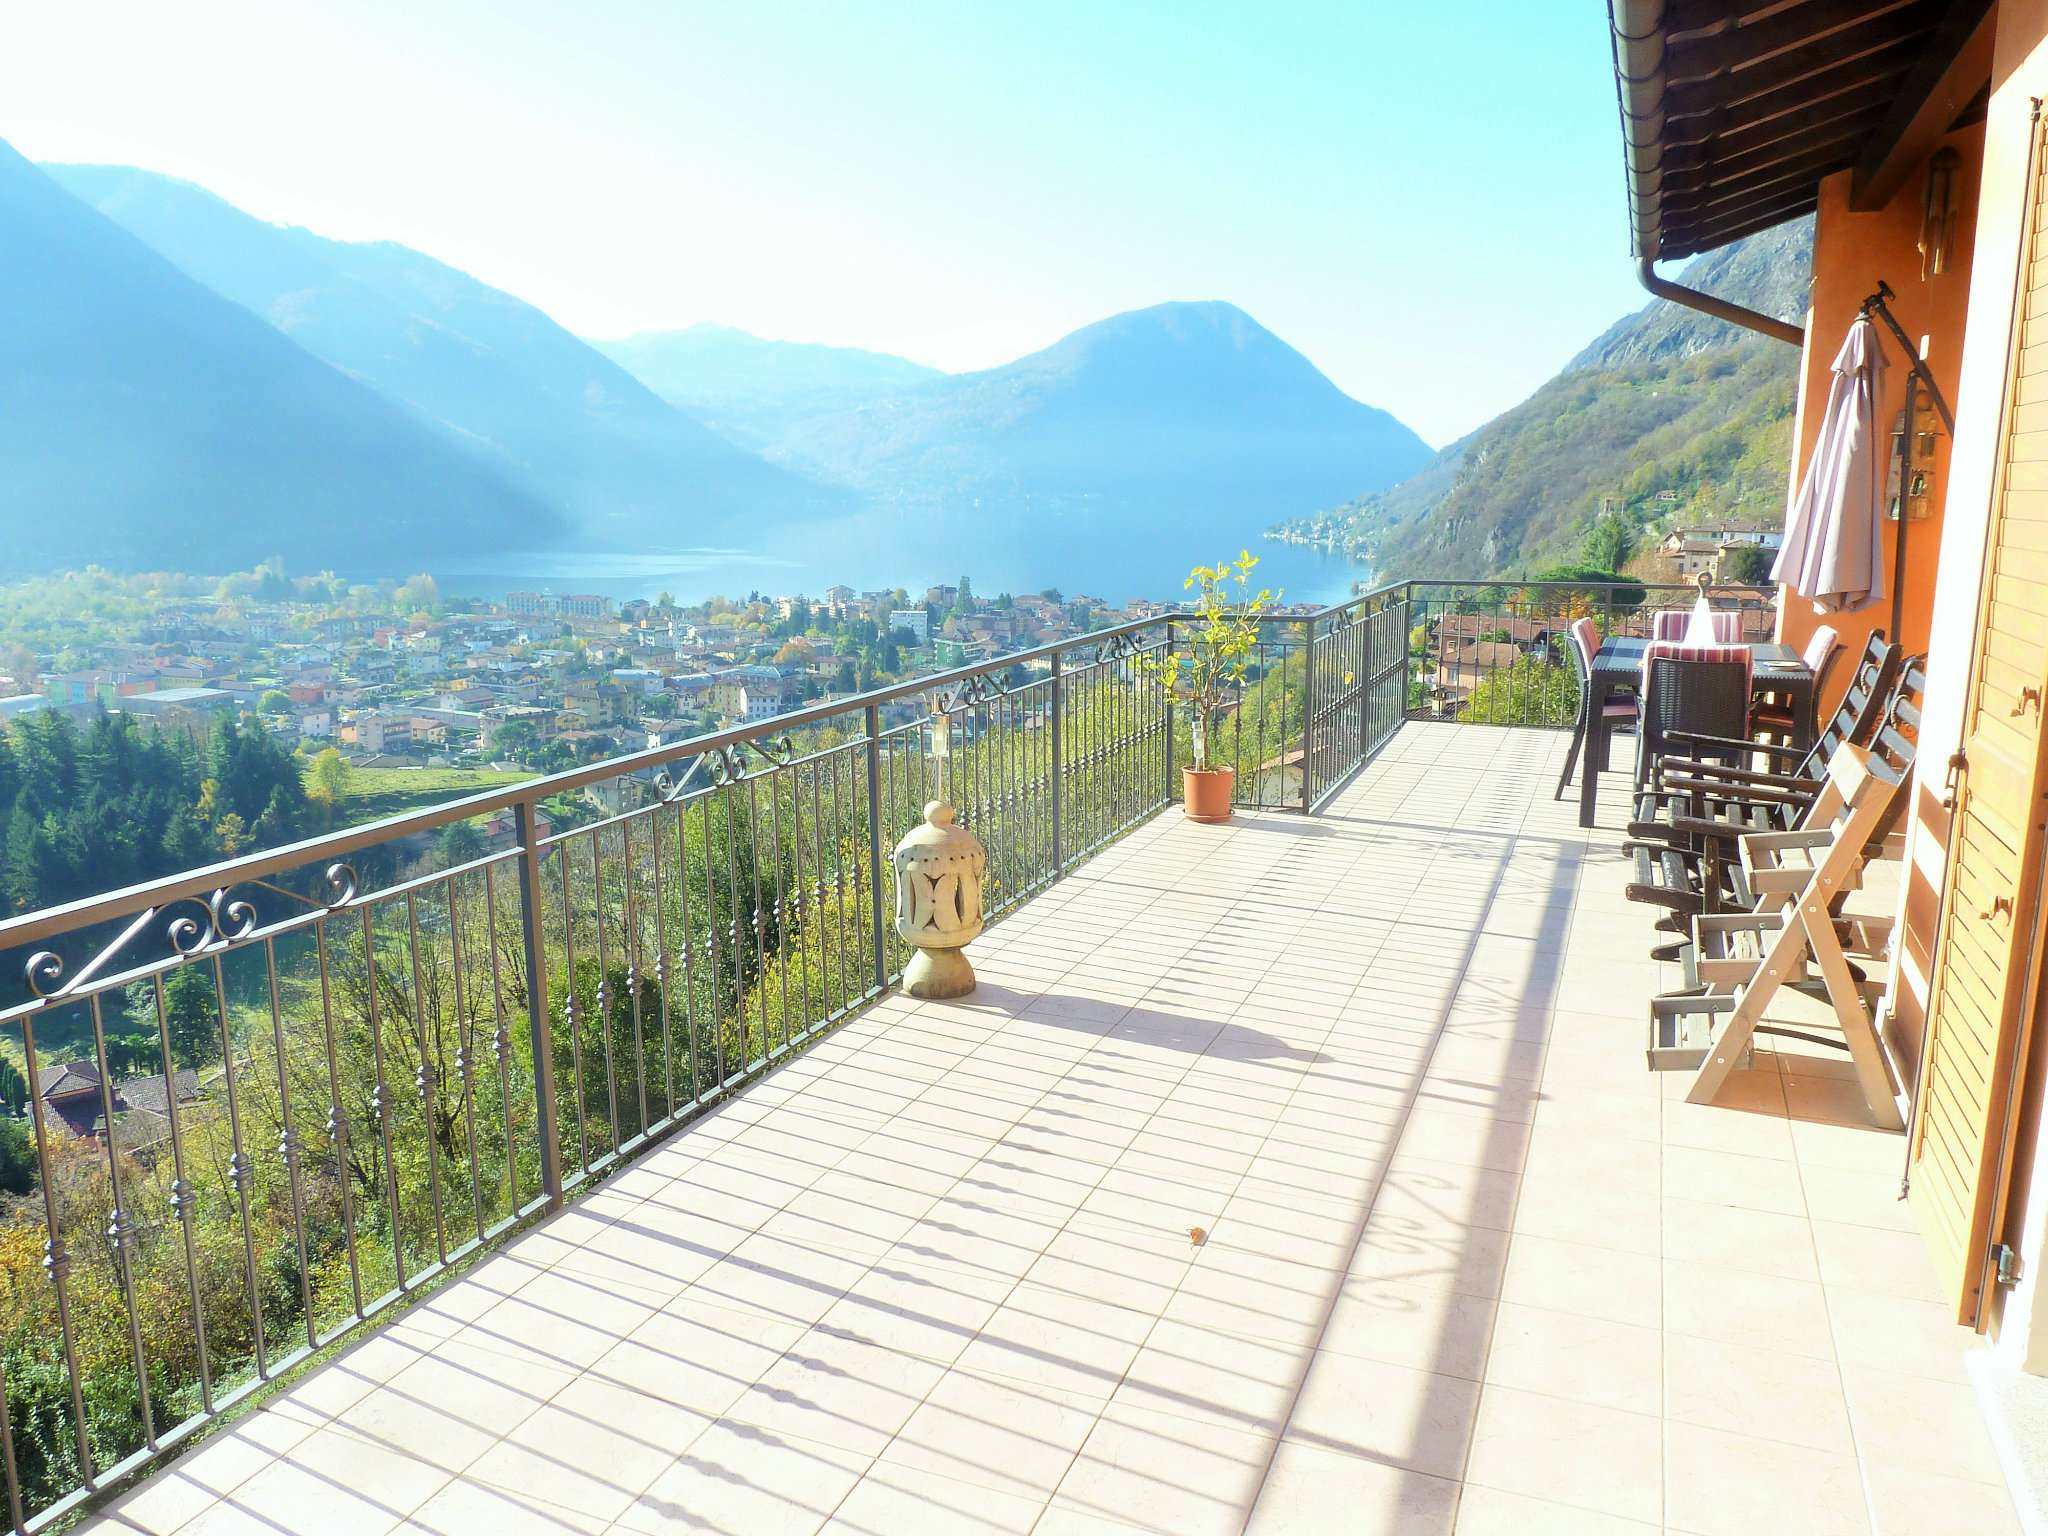 Villa in vendita a Porlezza, 5 locali, prezzo € 650.000 | CambioCasa.it